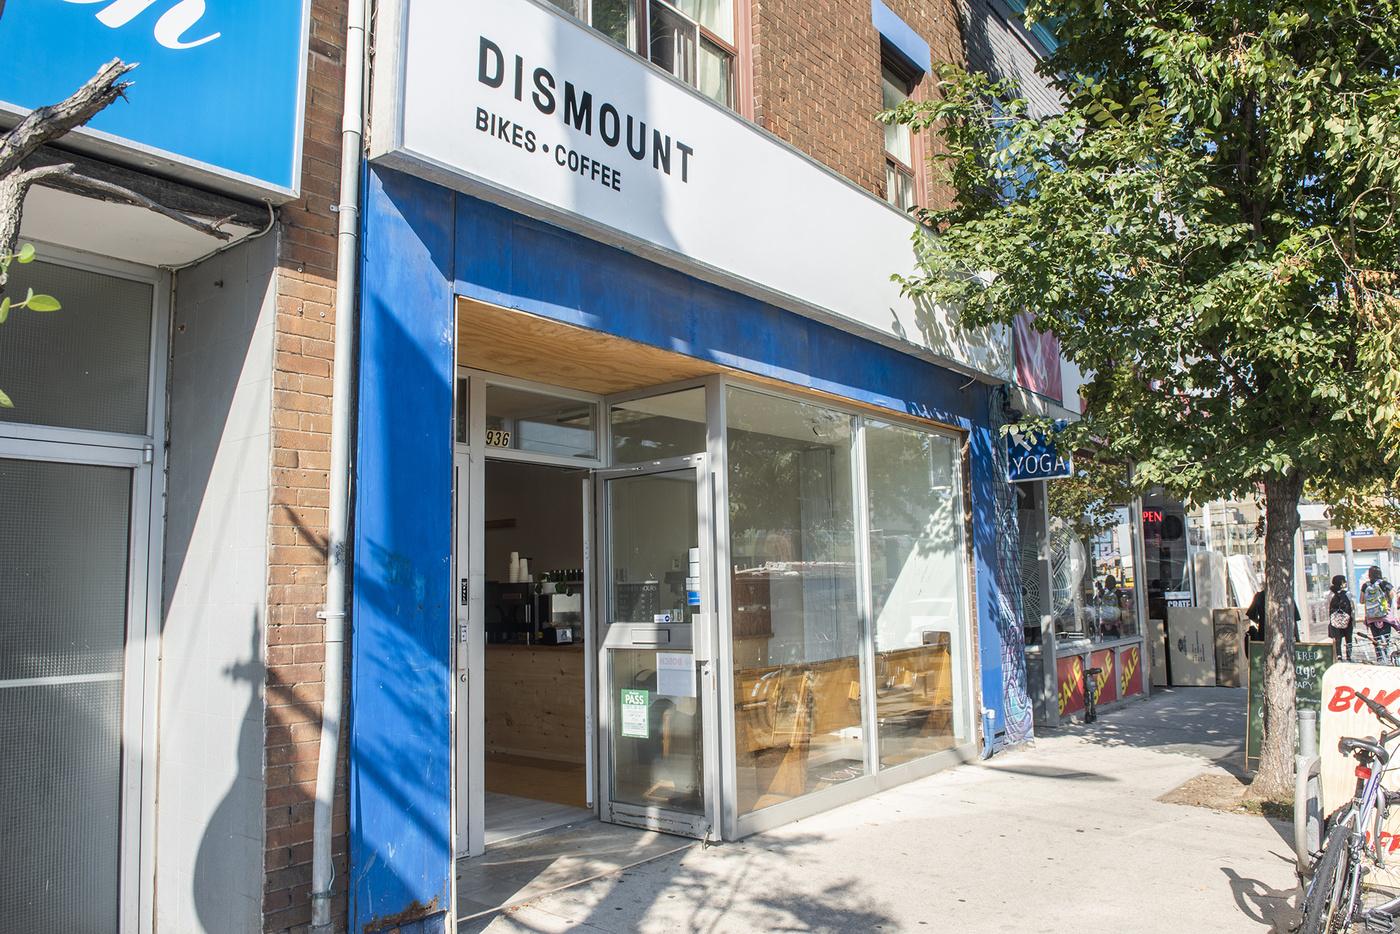 Dismount Toronto